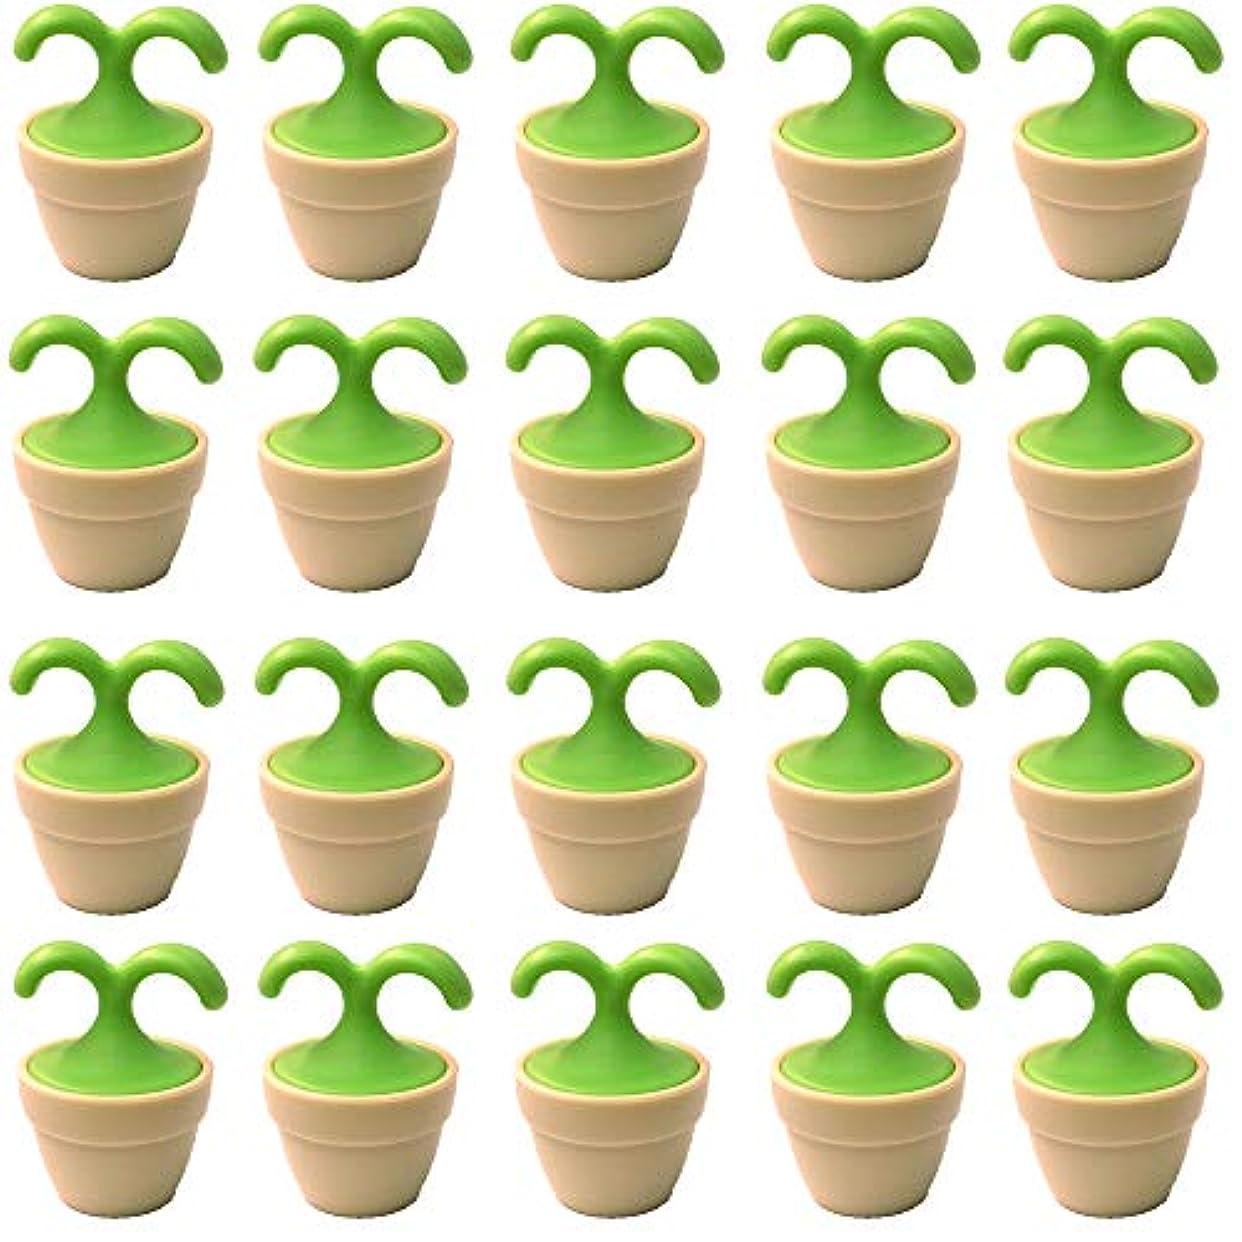 アコードインデックスどこでも植木鉢コロコロマッサージャー 20個入り 退職転勤お礼プチギフト 専用ボックス入りラッピング サンキューシール付き(20個入り)